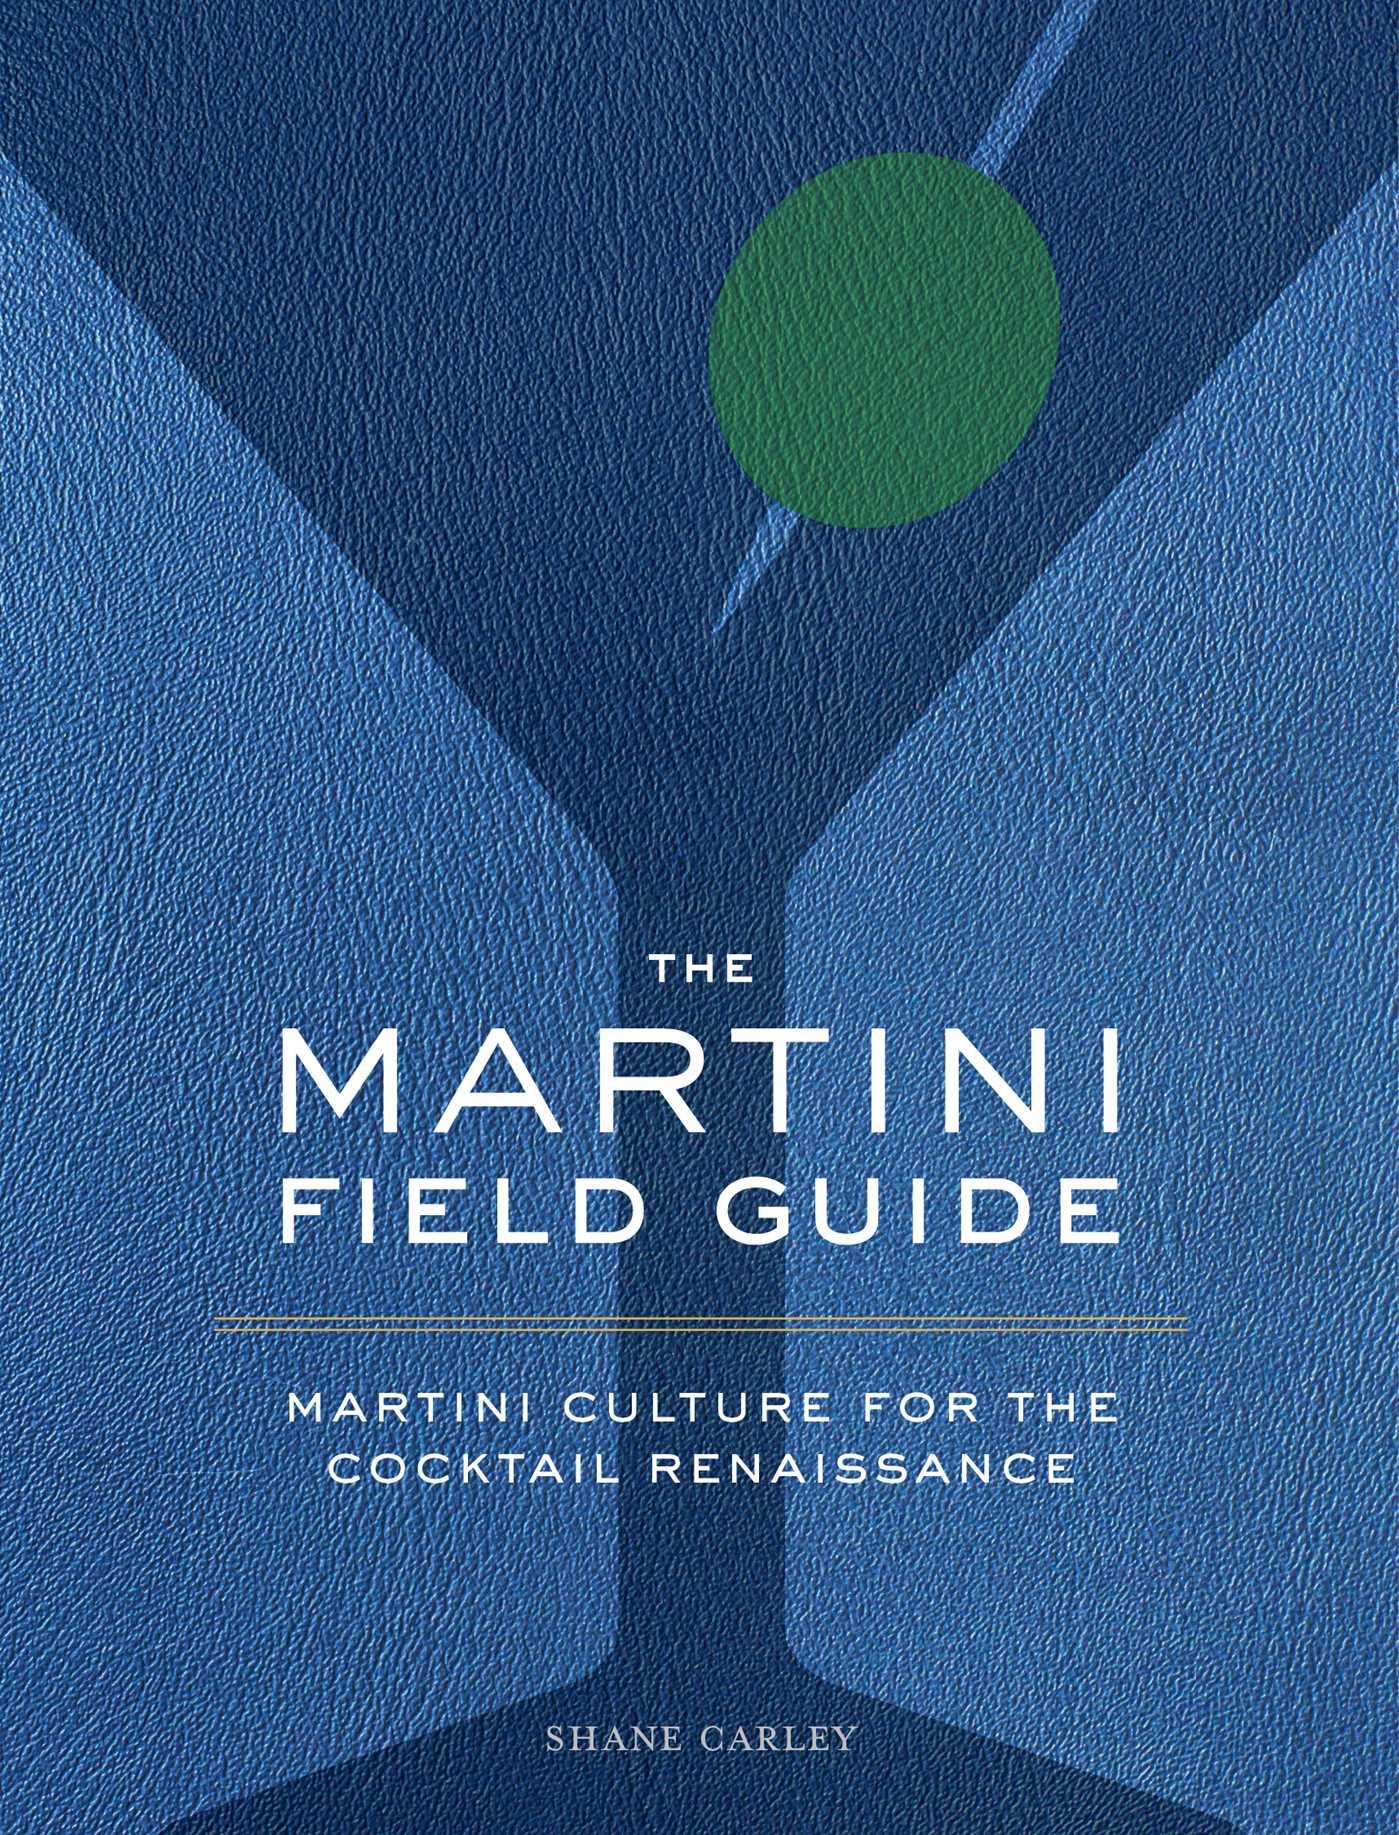 The martini field guide 9781604337969 hr